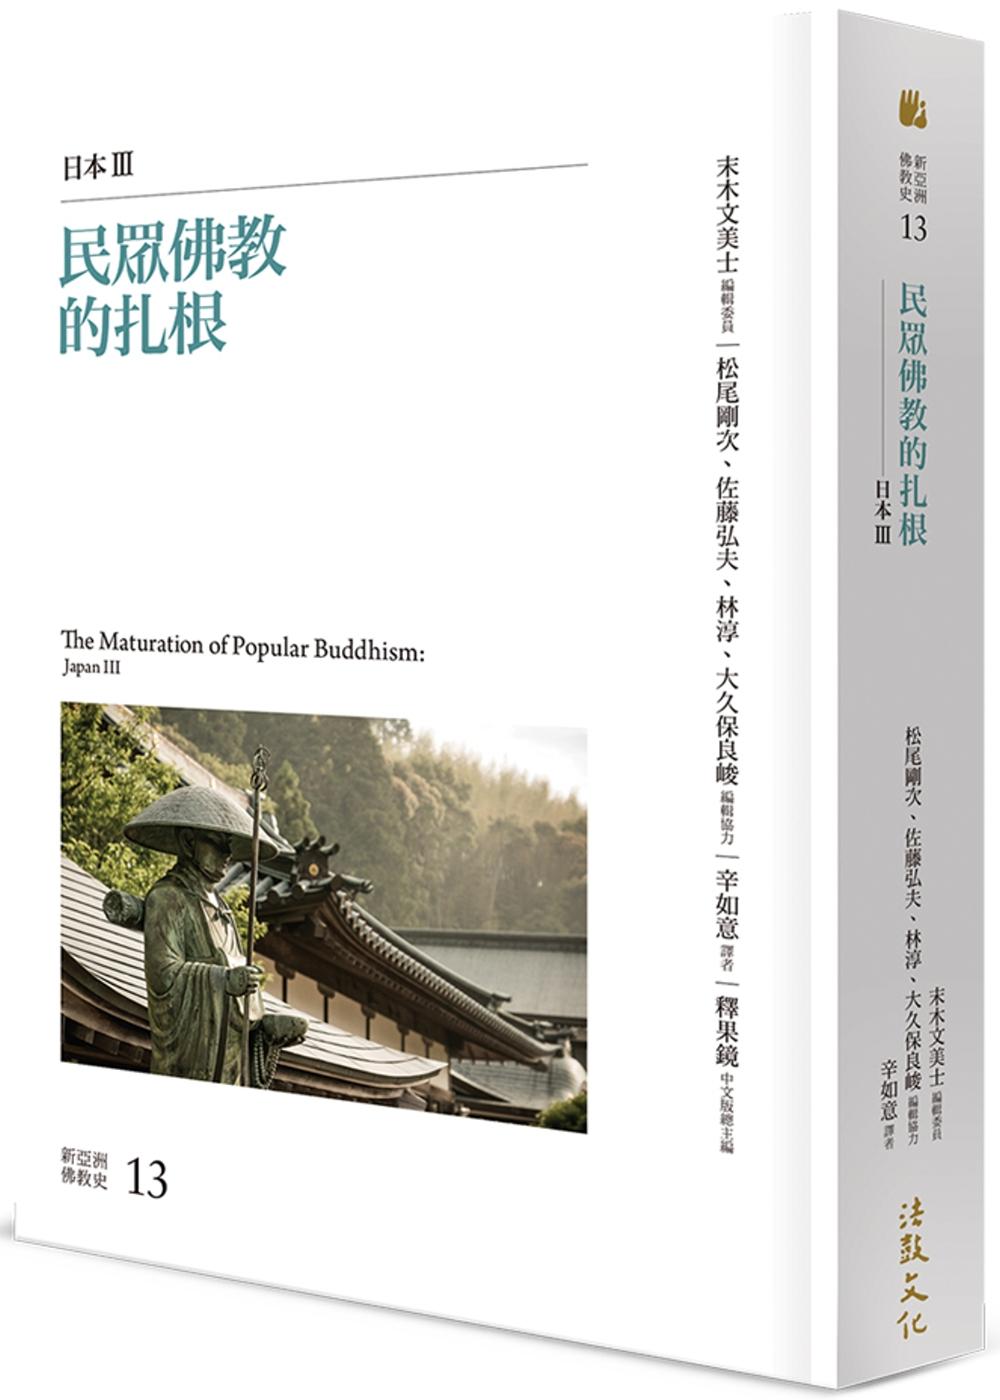 民眾佛教的扎根:日本III